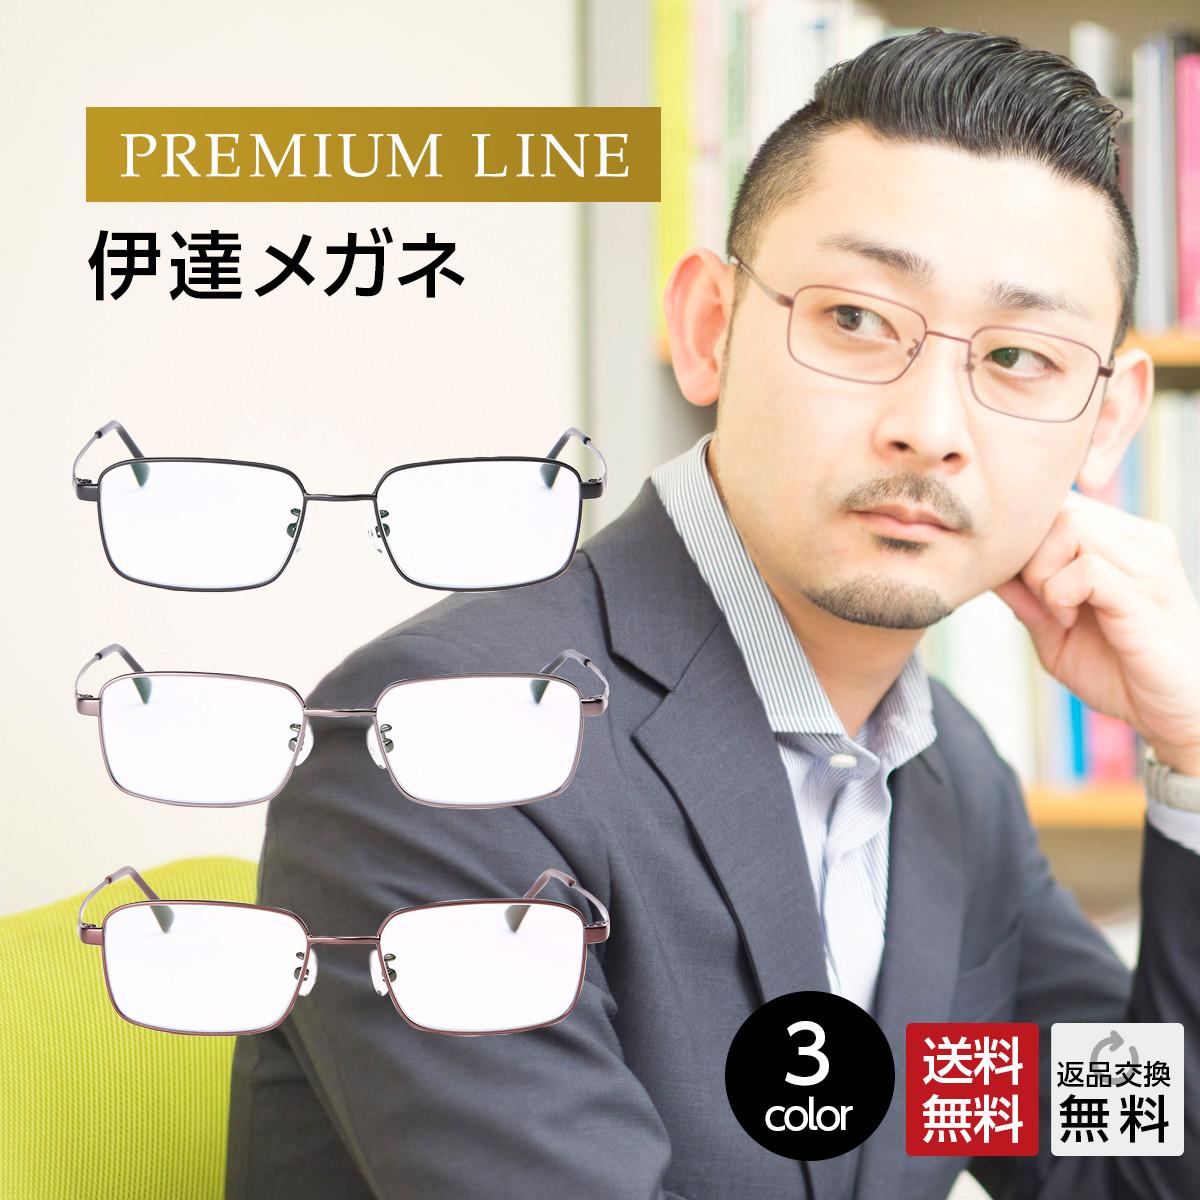 伊達メガネ 形状記憶フレーム ブルーライトカット38% 紫外線カット99% 男性用 メンズ おしゃれ かっこいい 高級モデル シンプル 細身 スクエア 薄型レンズ 薄型非球面レンズ 静電気防止 UV400 だてめがね 伊達眼鏡 全3色